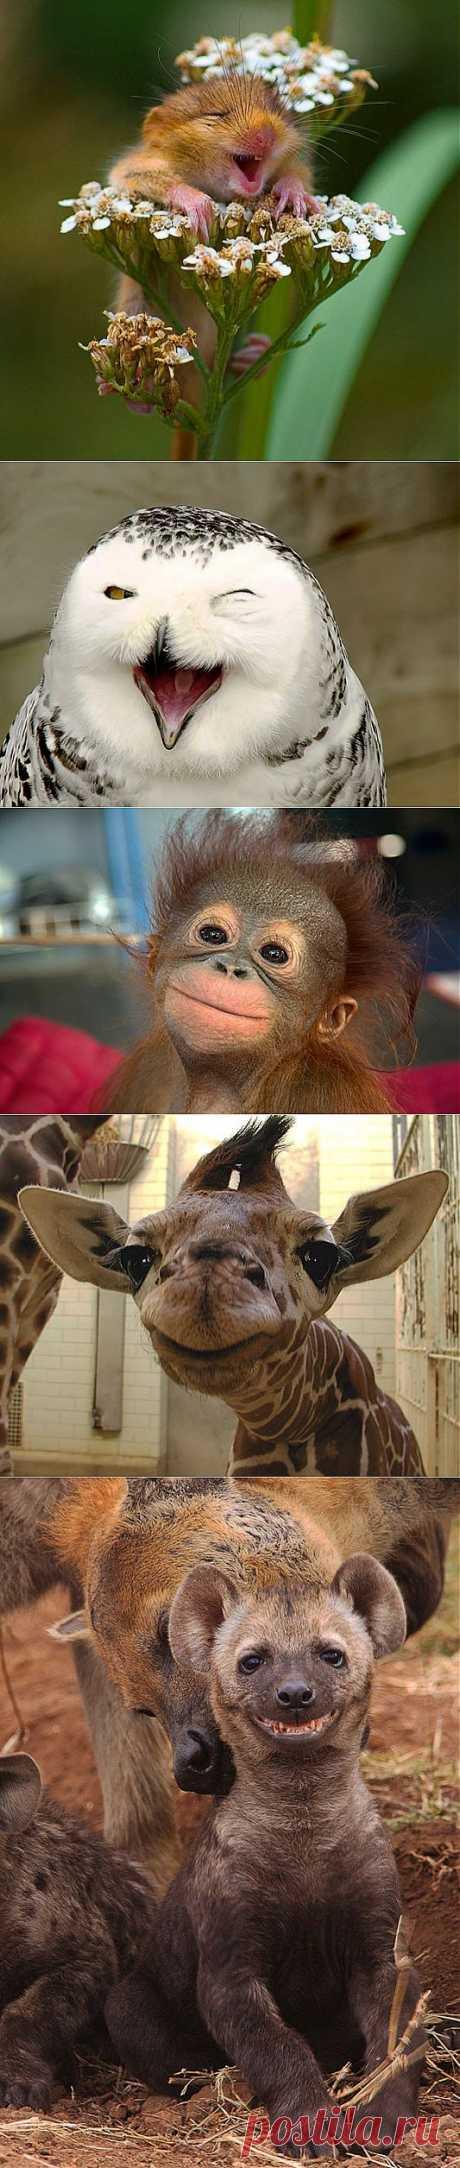 Фотографии улыбающихся животных .